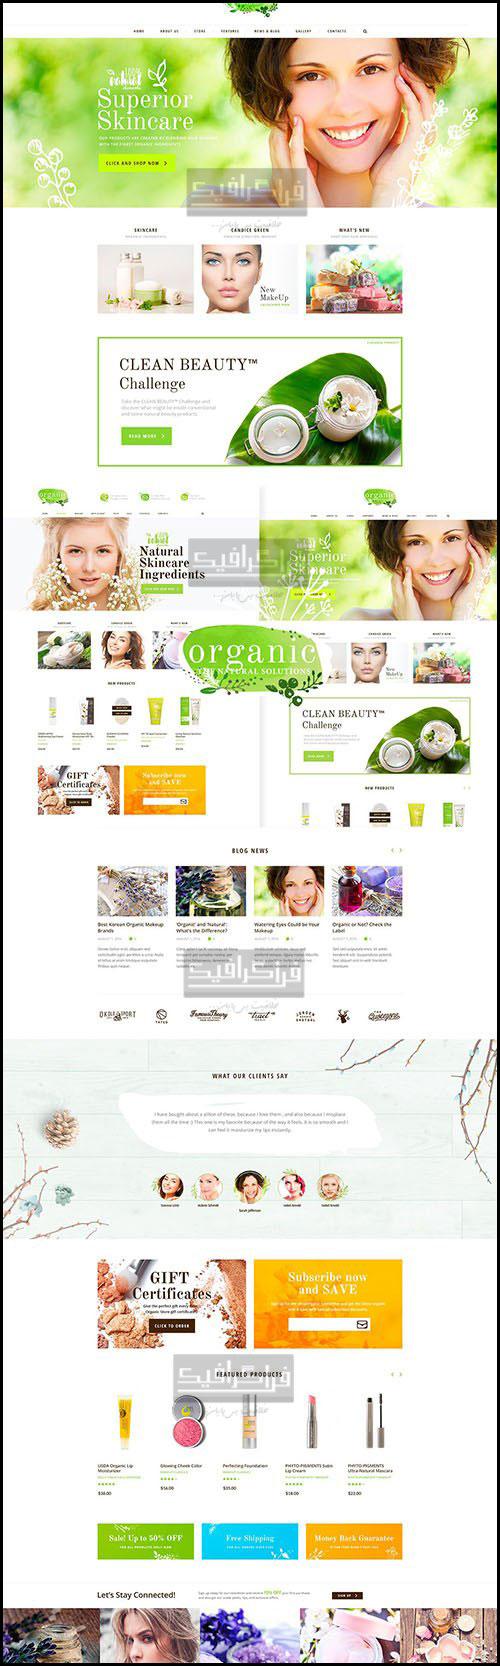 دانلود قالب PSD سایت محصولات آرایشی ارگانیک